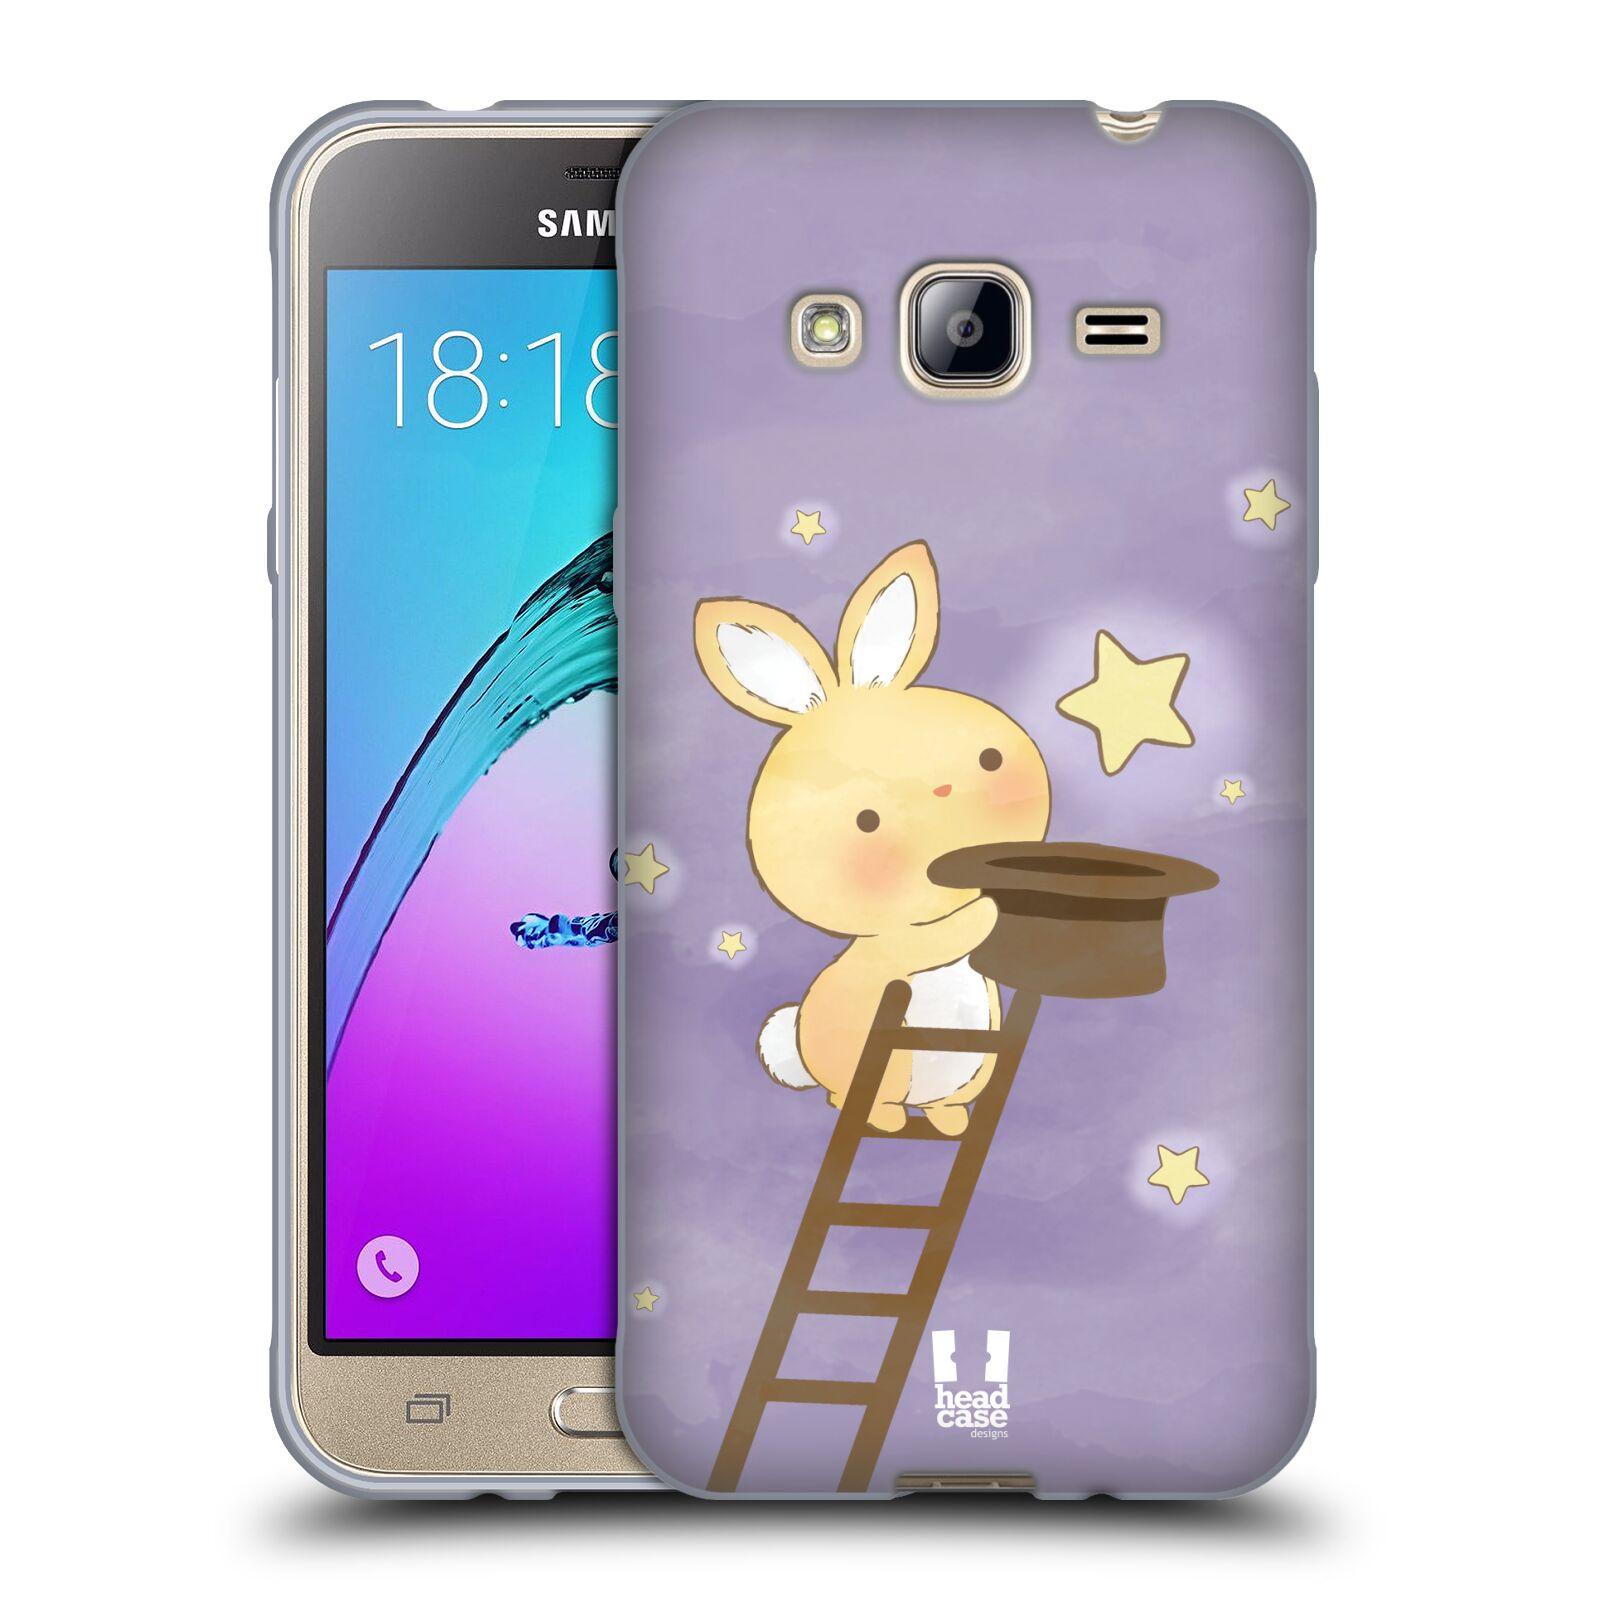 HEAD CASE silikonový obal na mobil Samsung Galaxy J3, J3 2016 vzor králíček a hvězdy fialová